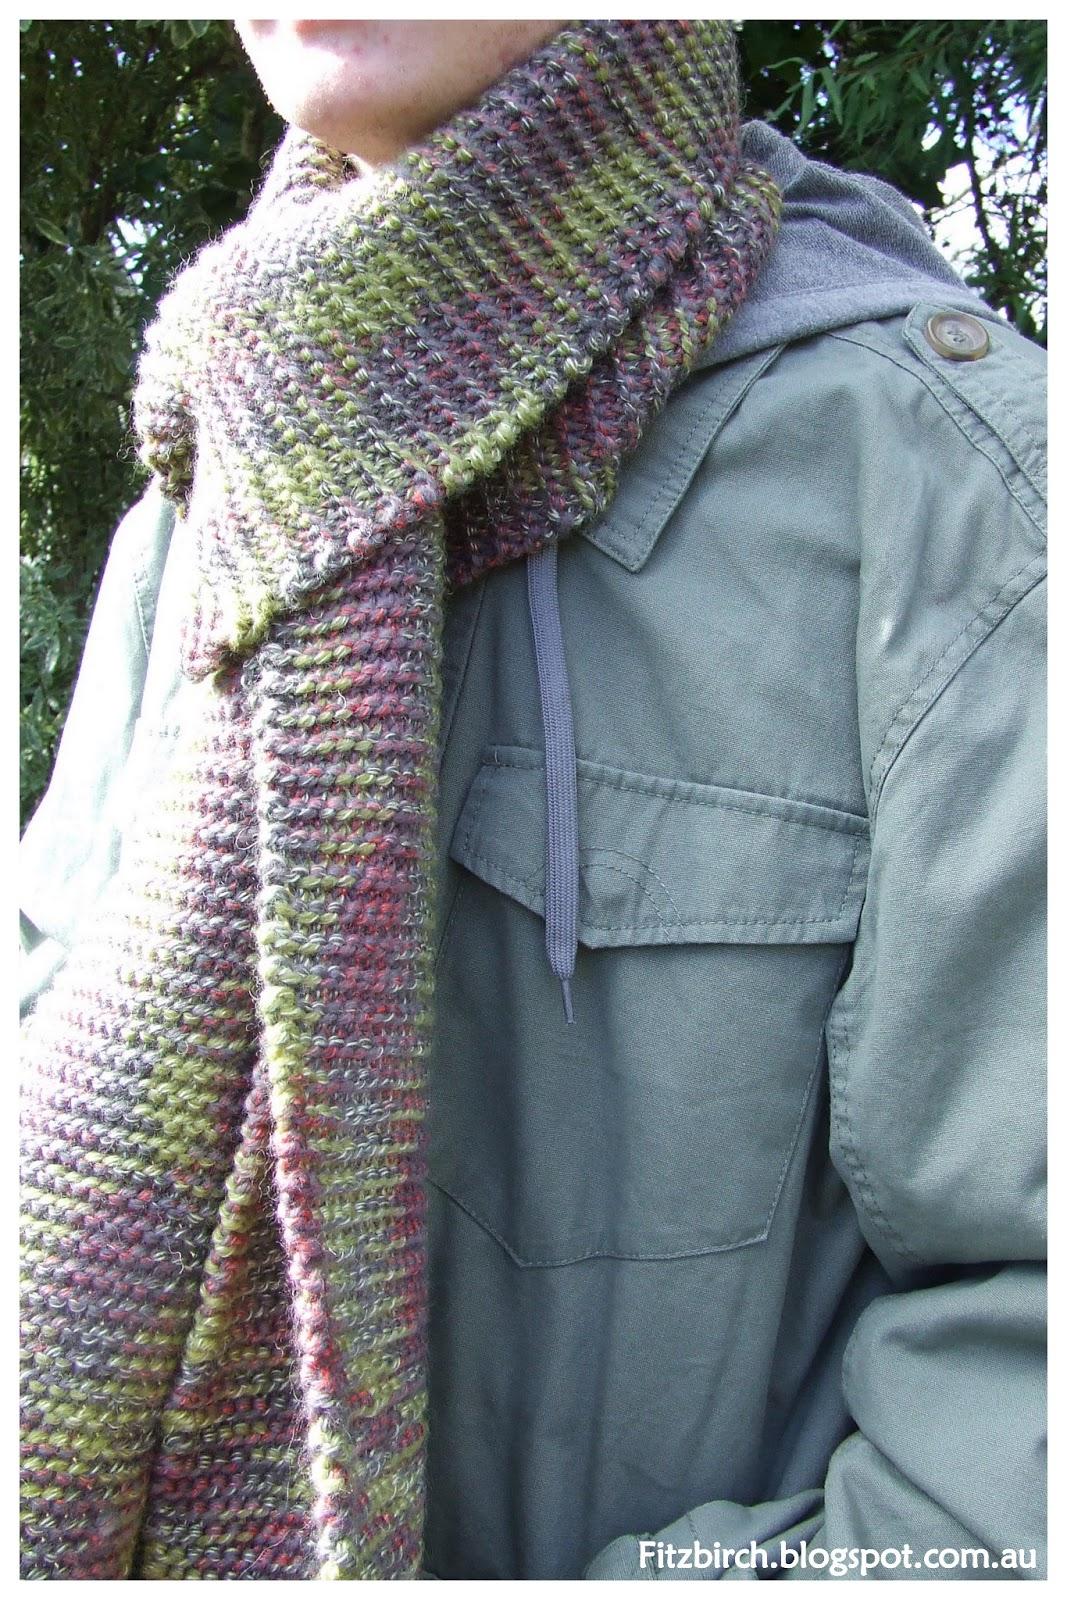 Knitting Garter Stitch Scarf : Fitzbirch crafts garter stitch scarf